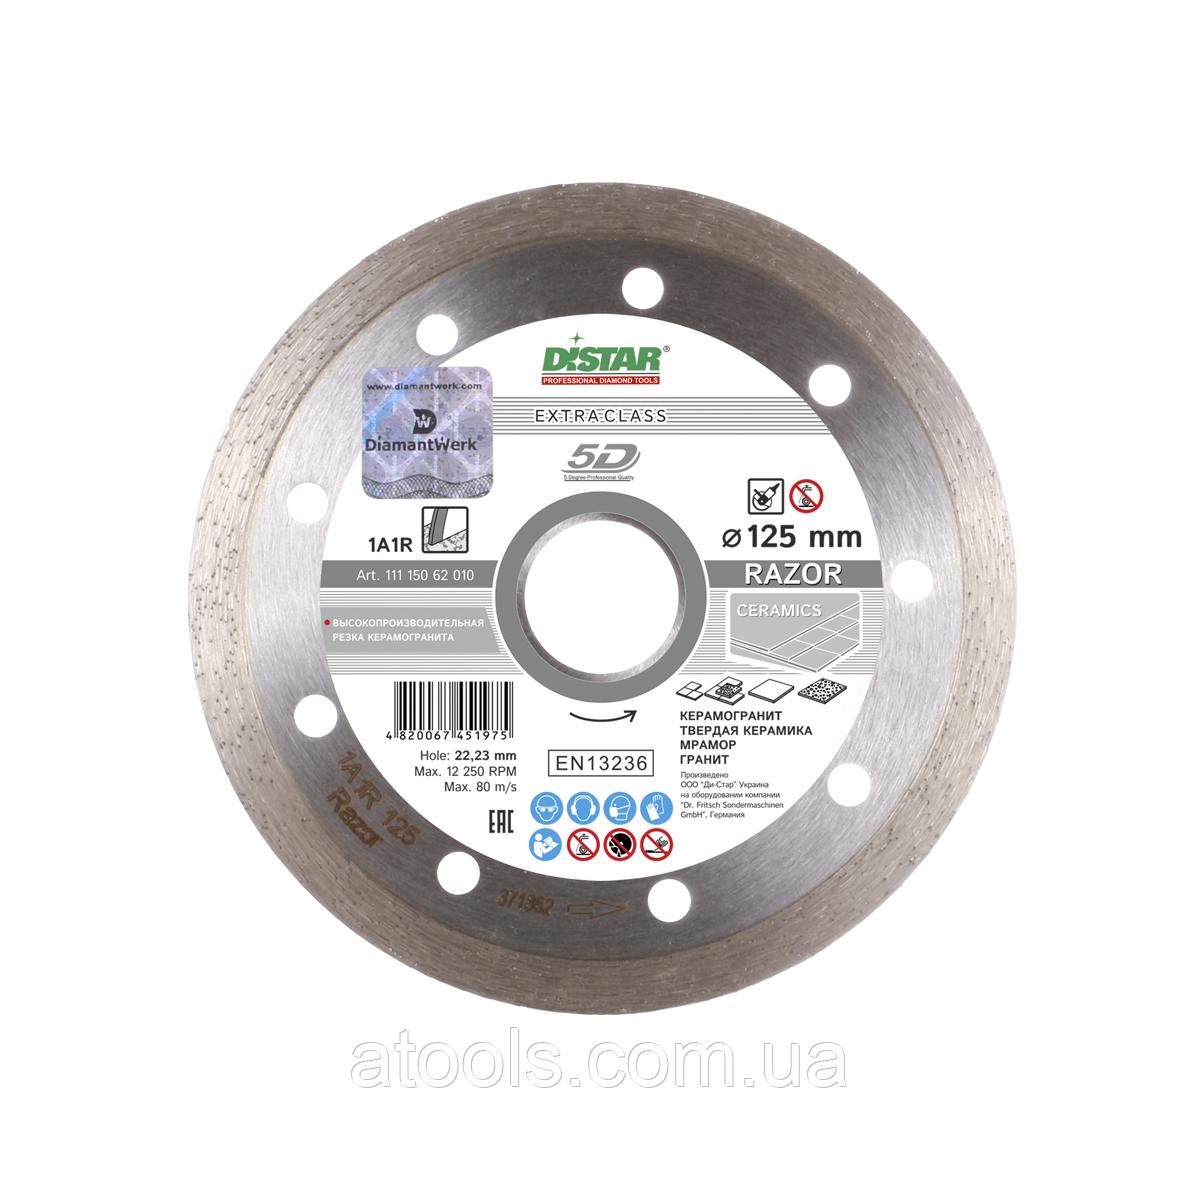 Алмазный отрезной диск Distar Razor 1A1R 125x1.6x10x22.23 (11115062010)